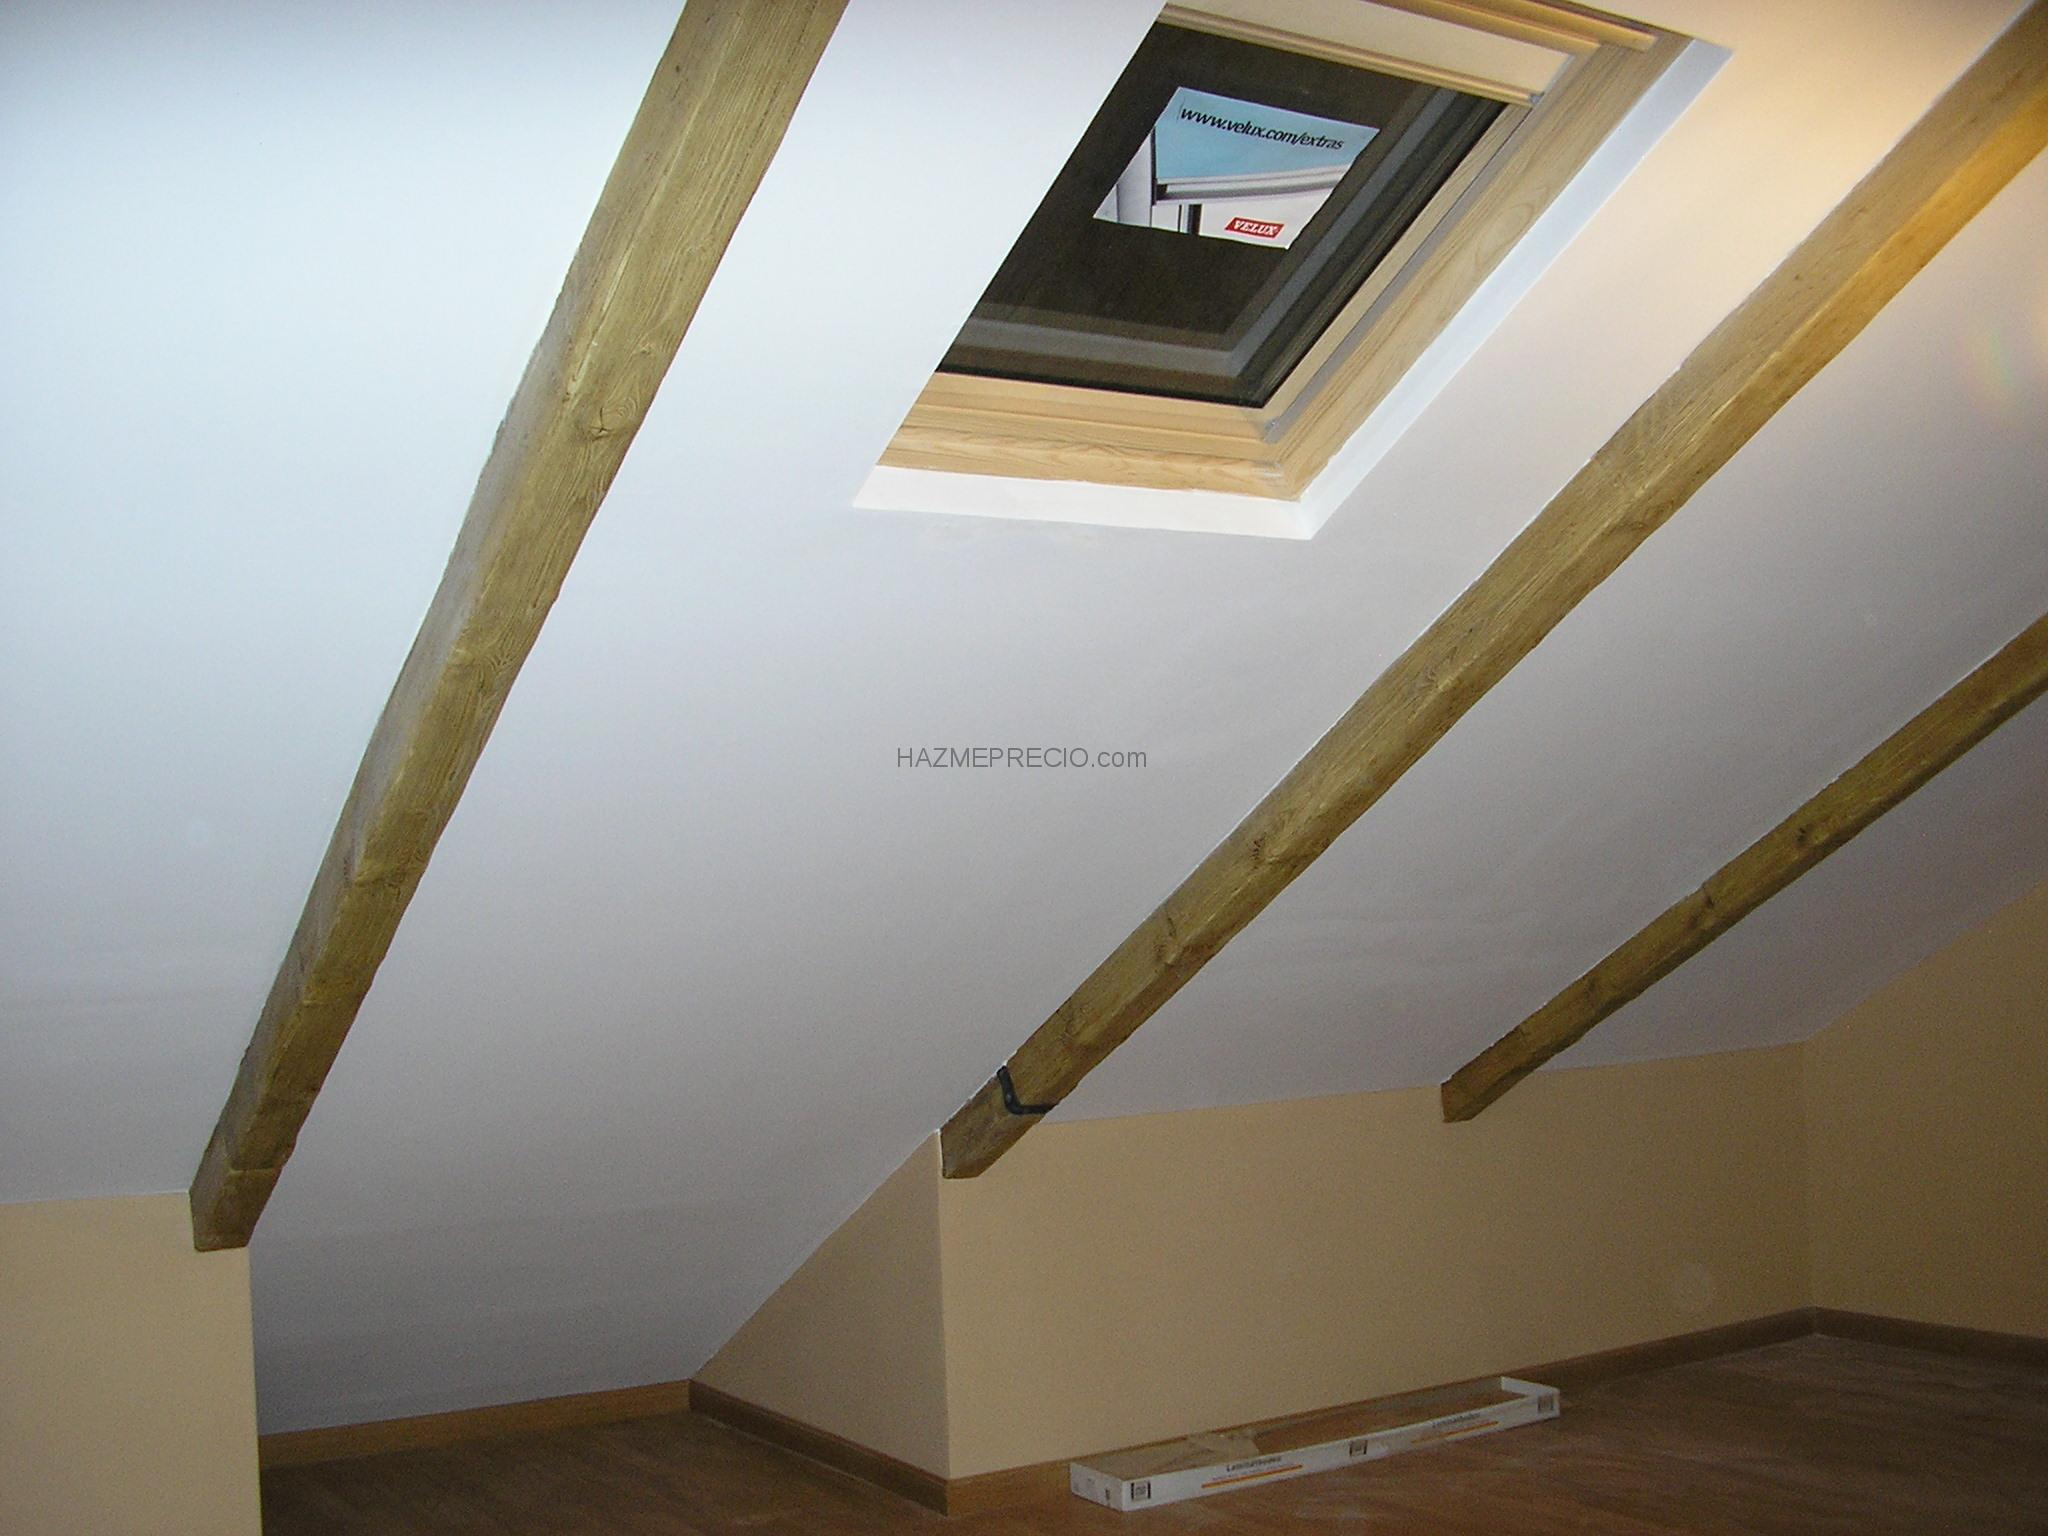 Presupuesto para tapar agujero en falso techo de escayola - Tapar agujero techo ...